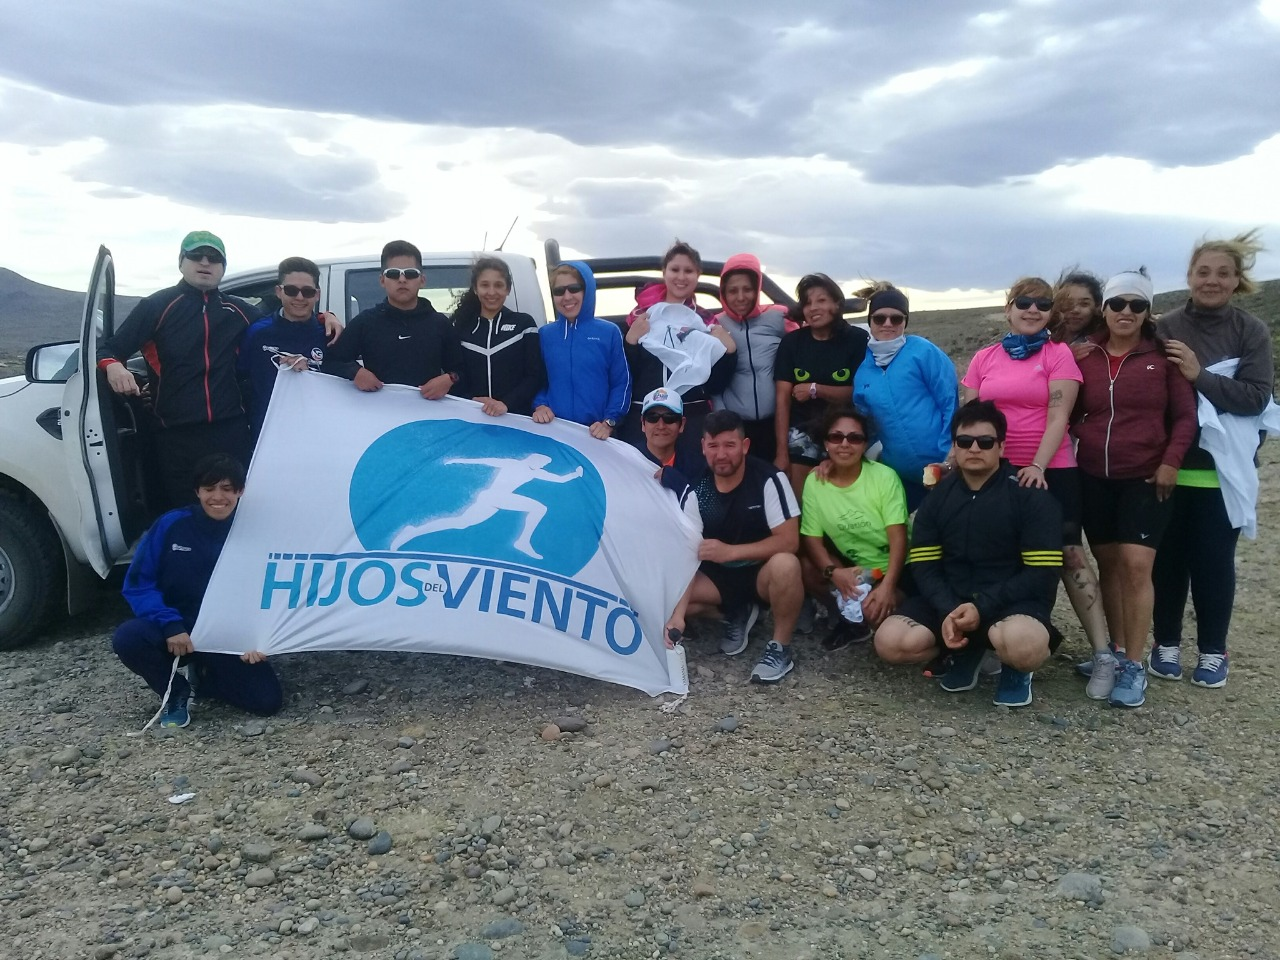 Primer campeonato de Duatlon que organizó Hijos del Viento en el Club Hípico de Las Heras.